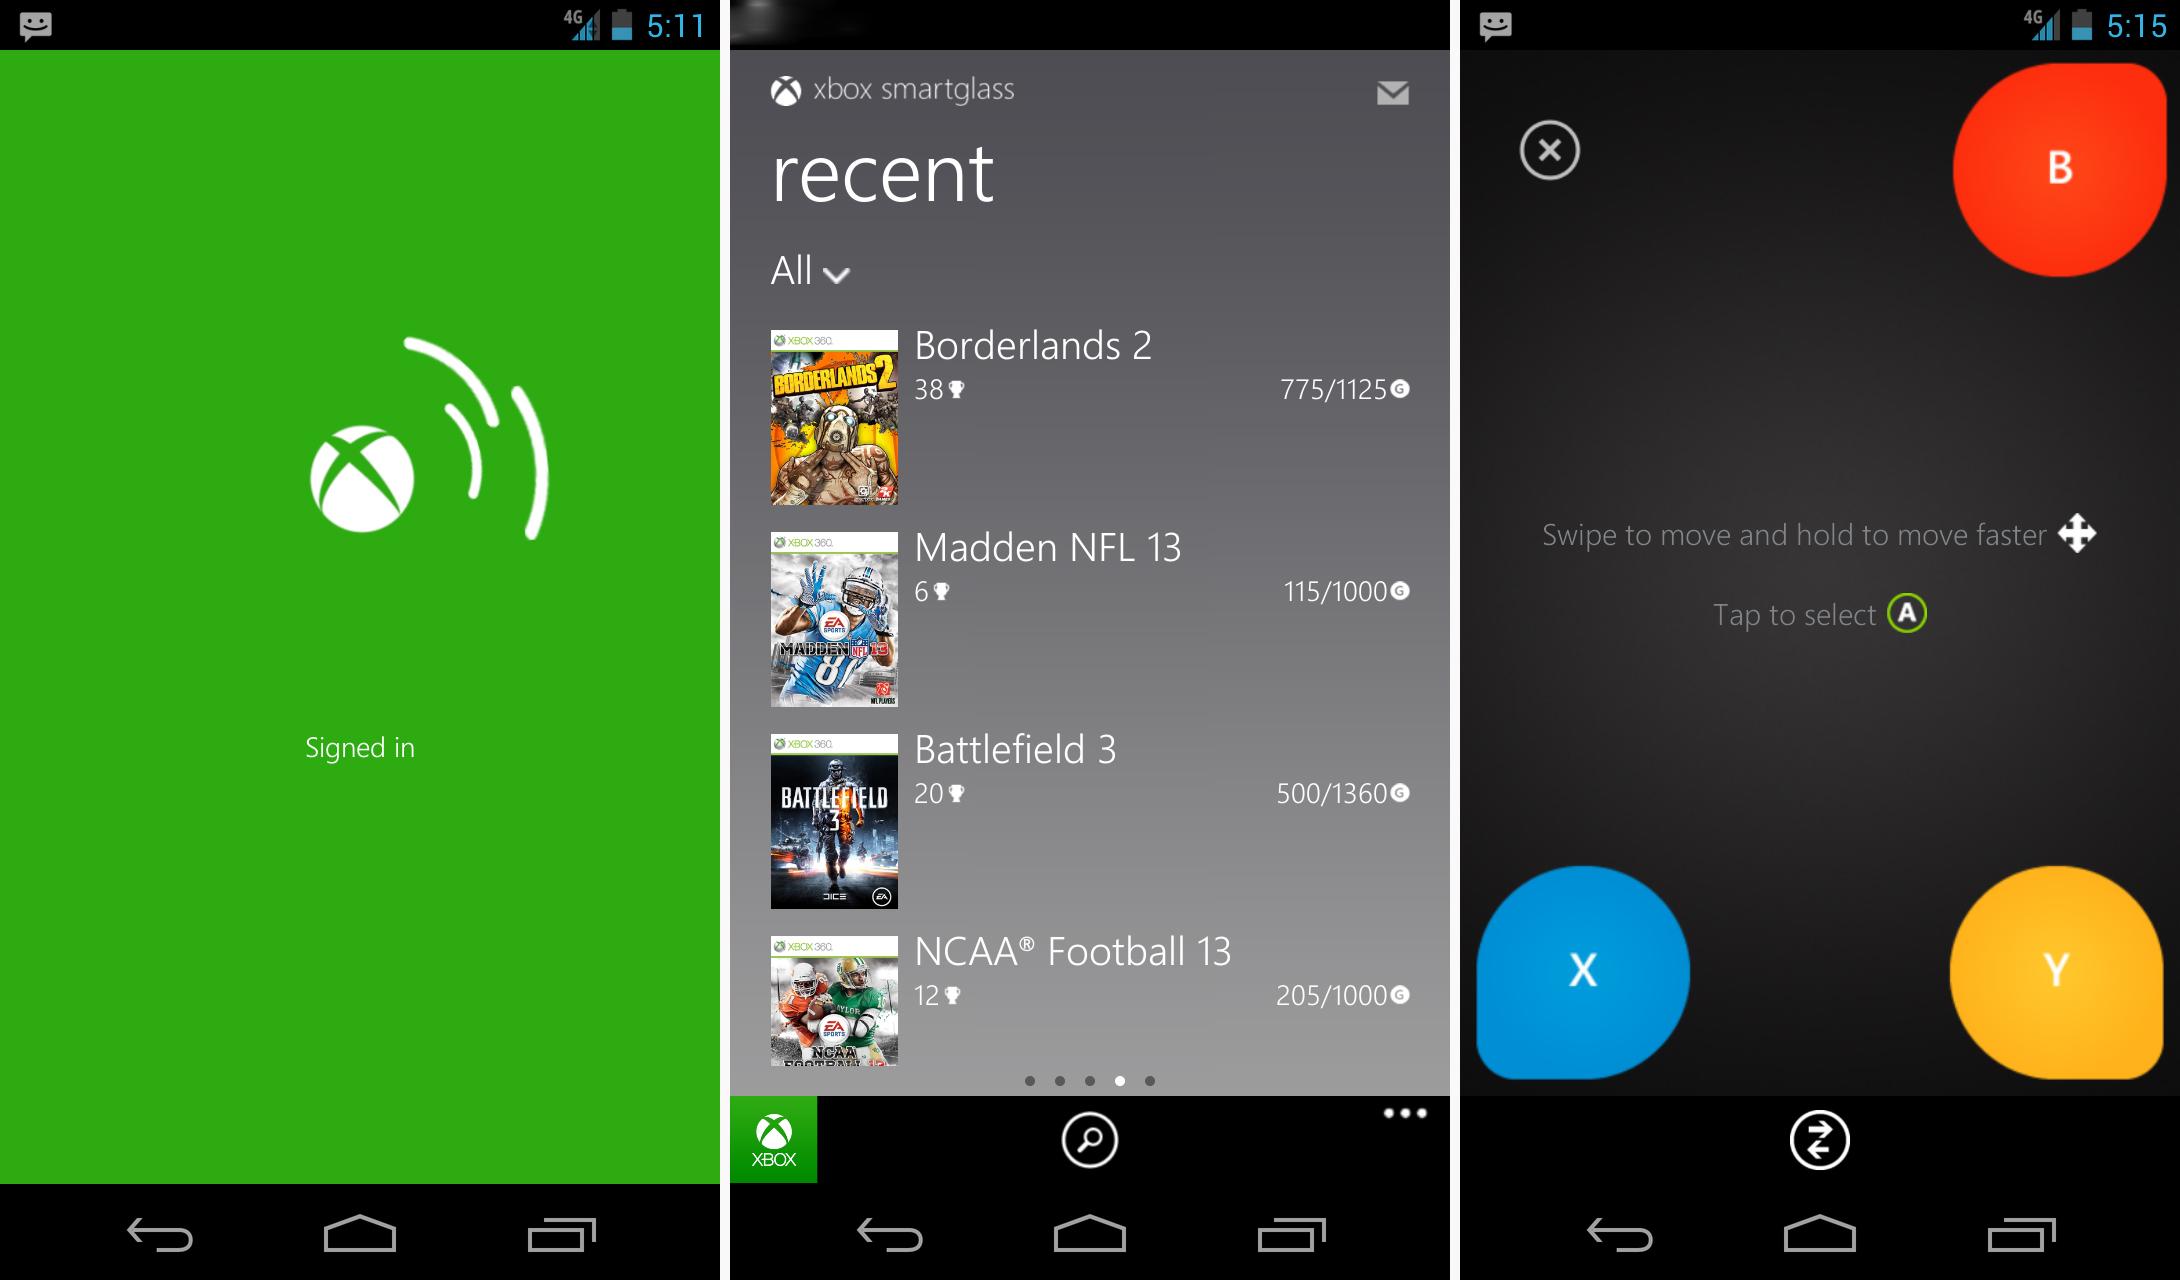 Aplicativo Xbox SmartGlass já está disponível para Android